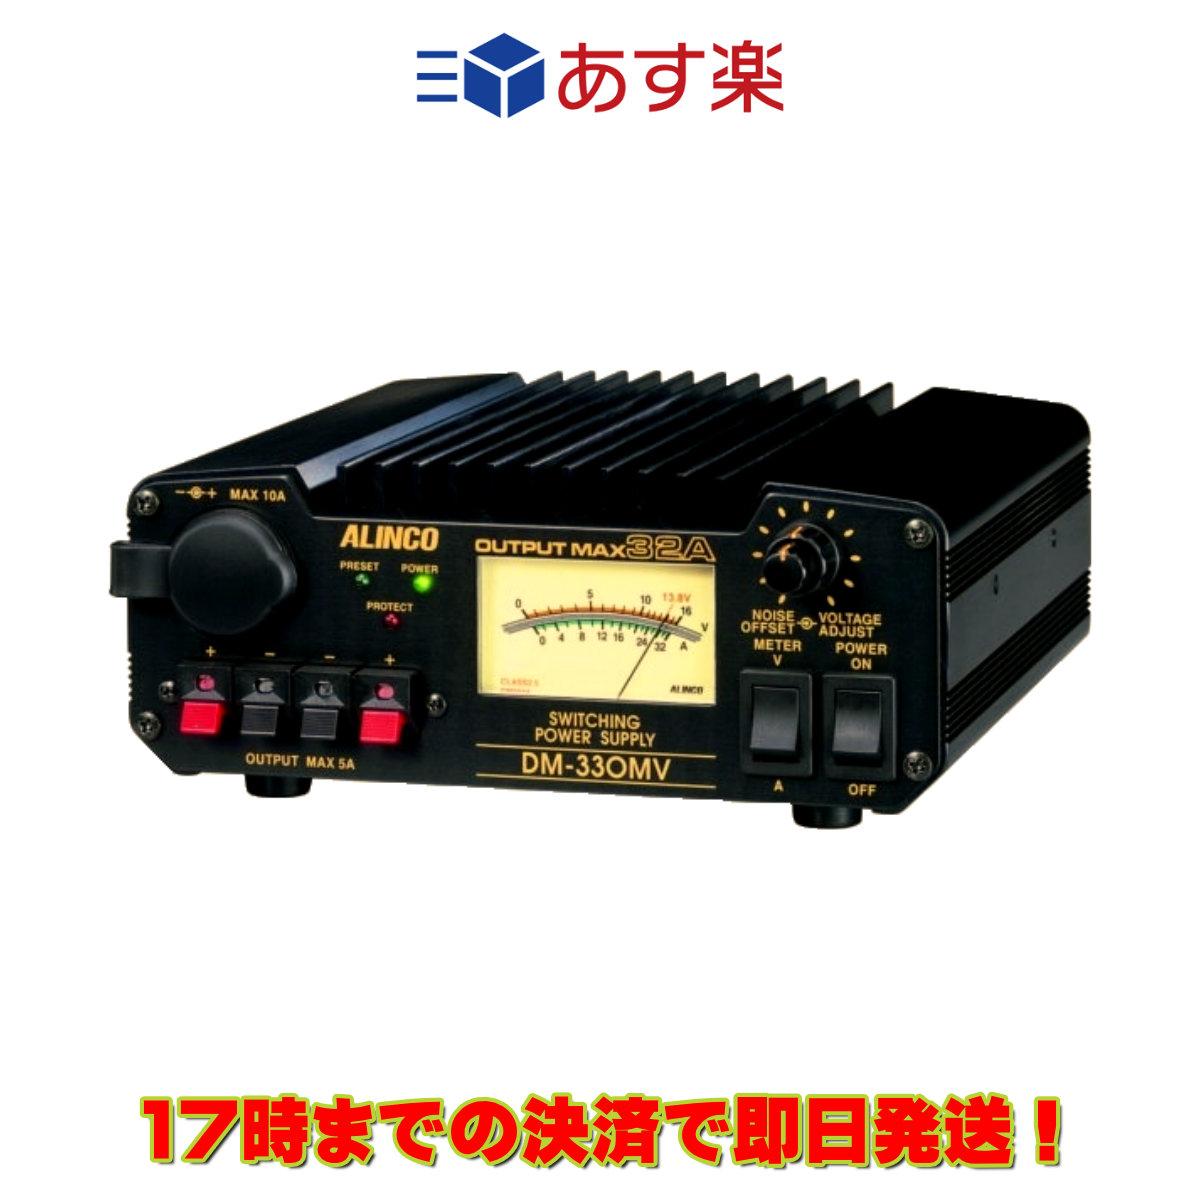 高変換効率 高出力スイッチング方式電源 DM-330MV 完売 スイッチング方式直流安定化電源 直営限定アウトレット アルインコ 32A